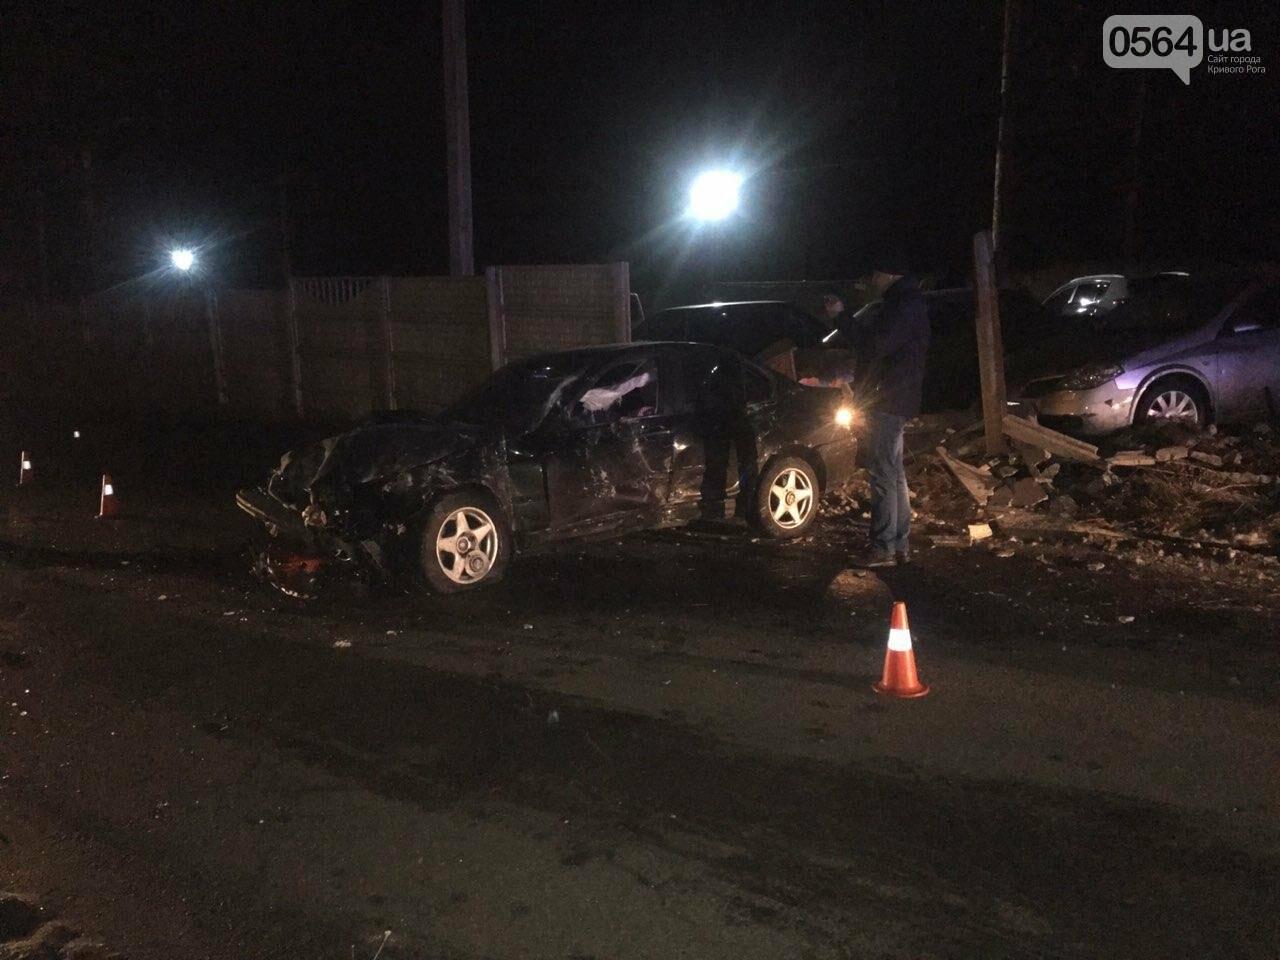 """В Кривом Роге """"BMW"""" снес забор стоянки: повреждено около 10 машин, есть пострадавший, - ФОТО , фото-14"""